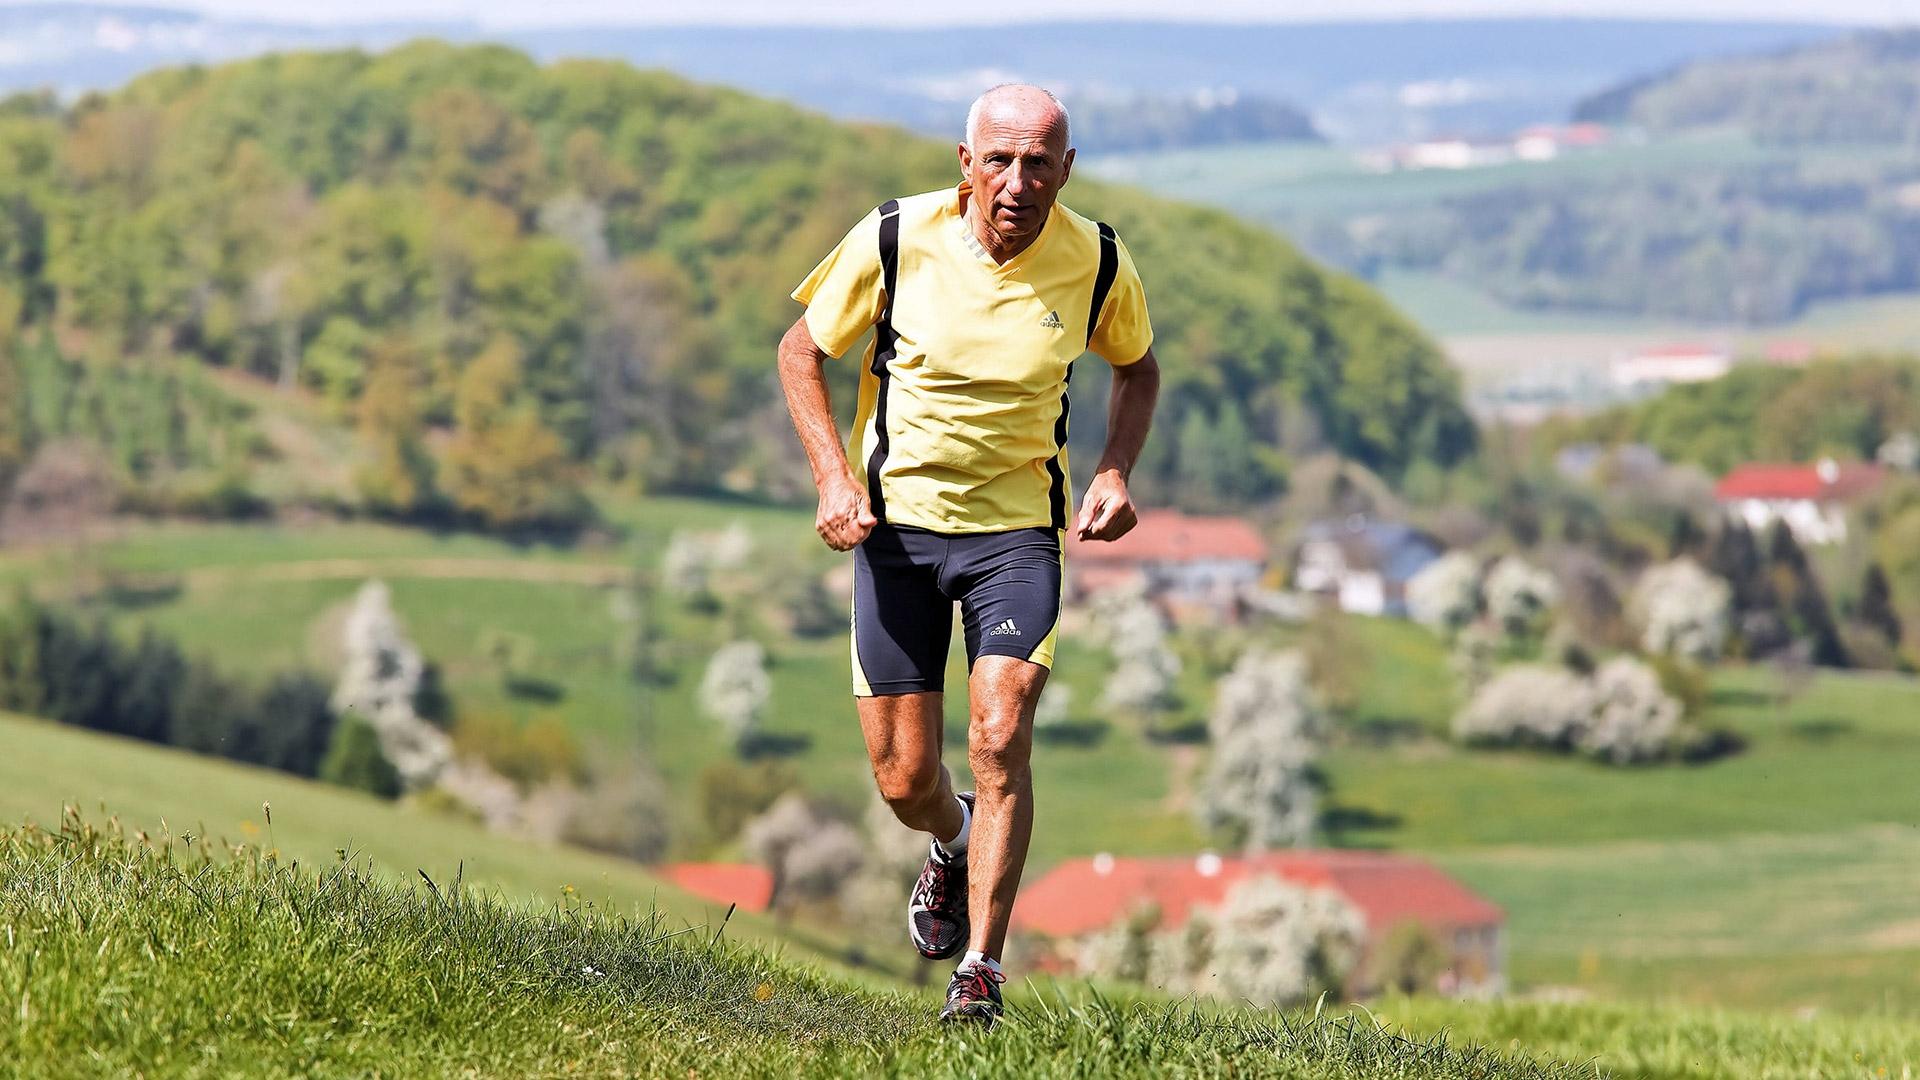 Länger fit und gesund – Der Jahrgang ist bloss eine Zahl